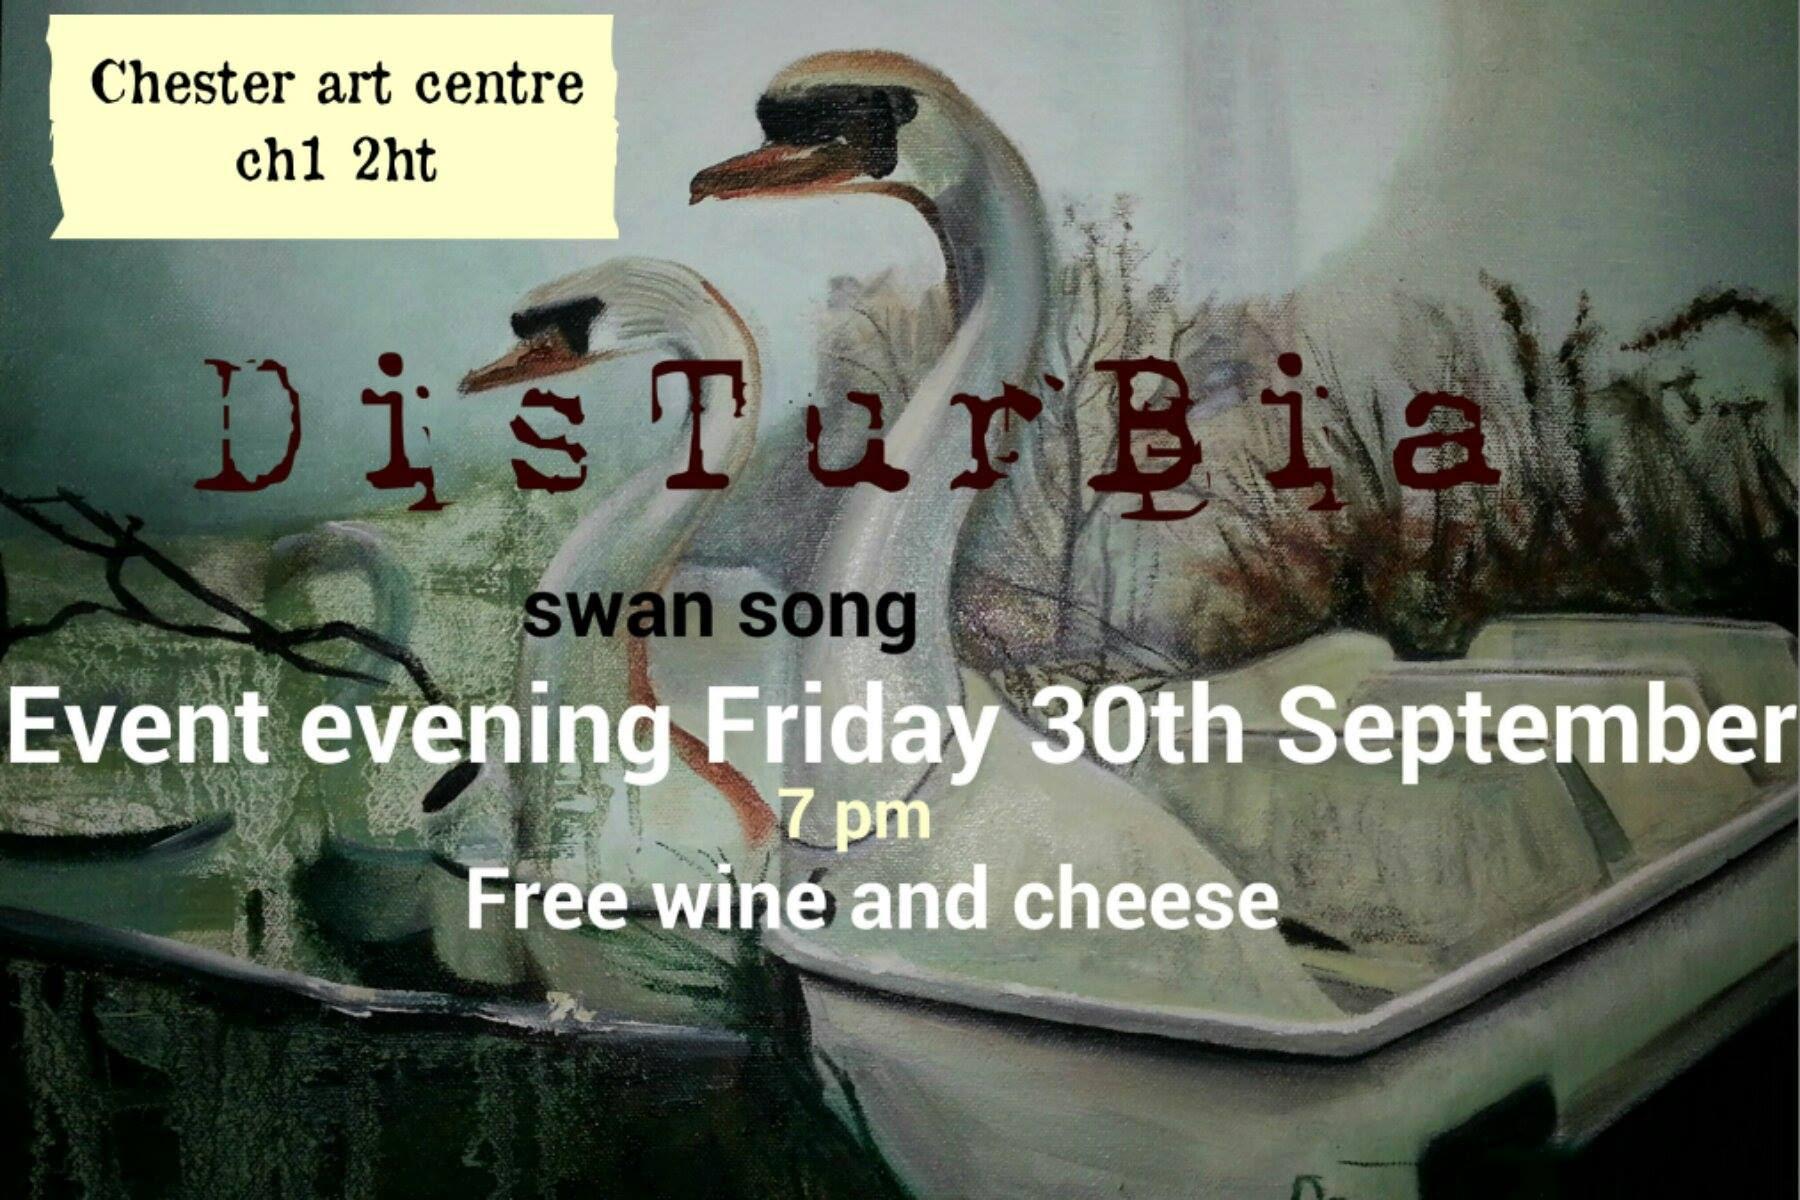 Chester Art Centre: DisTurBia, Bryn Sutcliffe